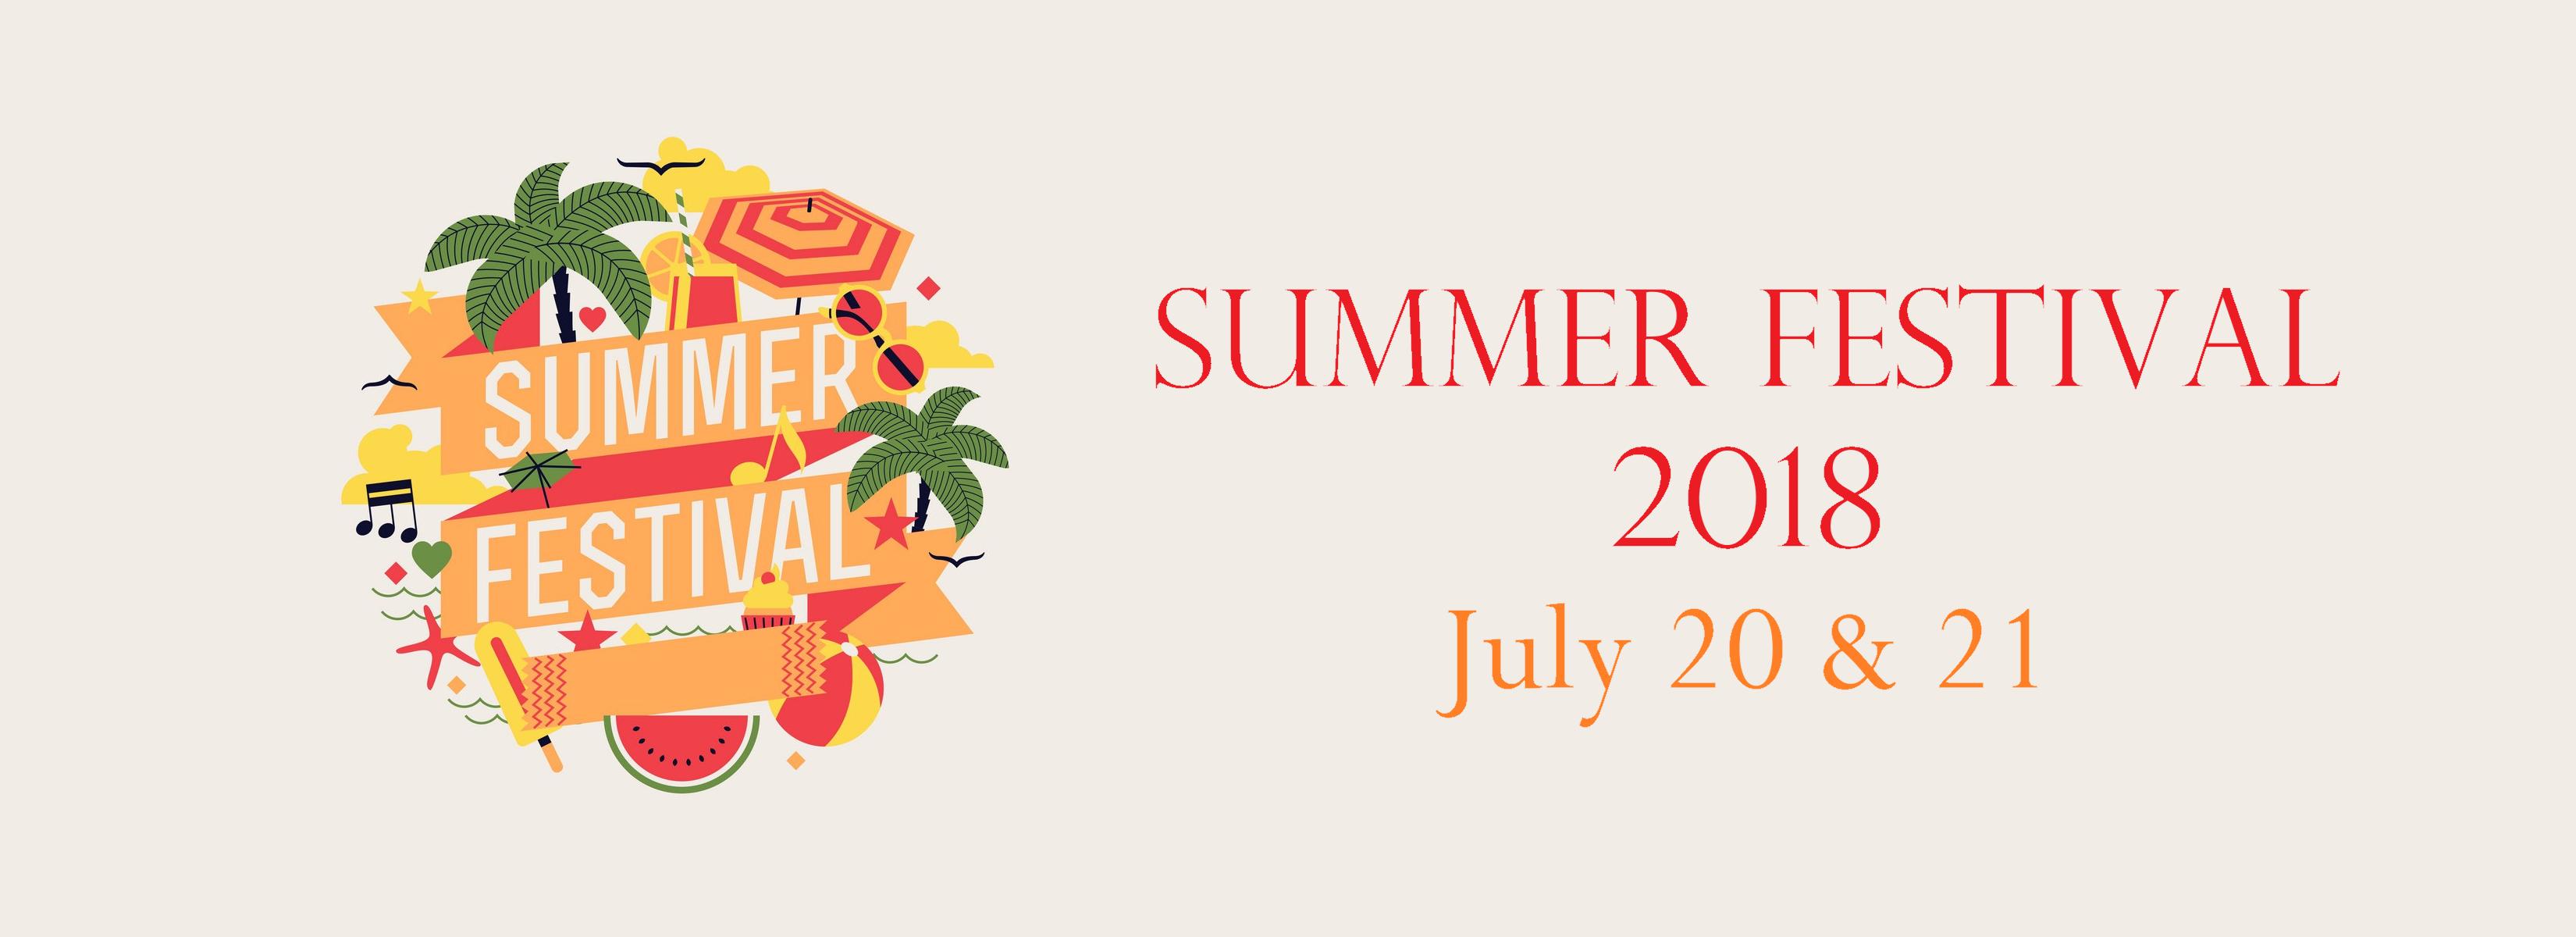 summer-festival-slider1